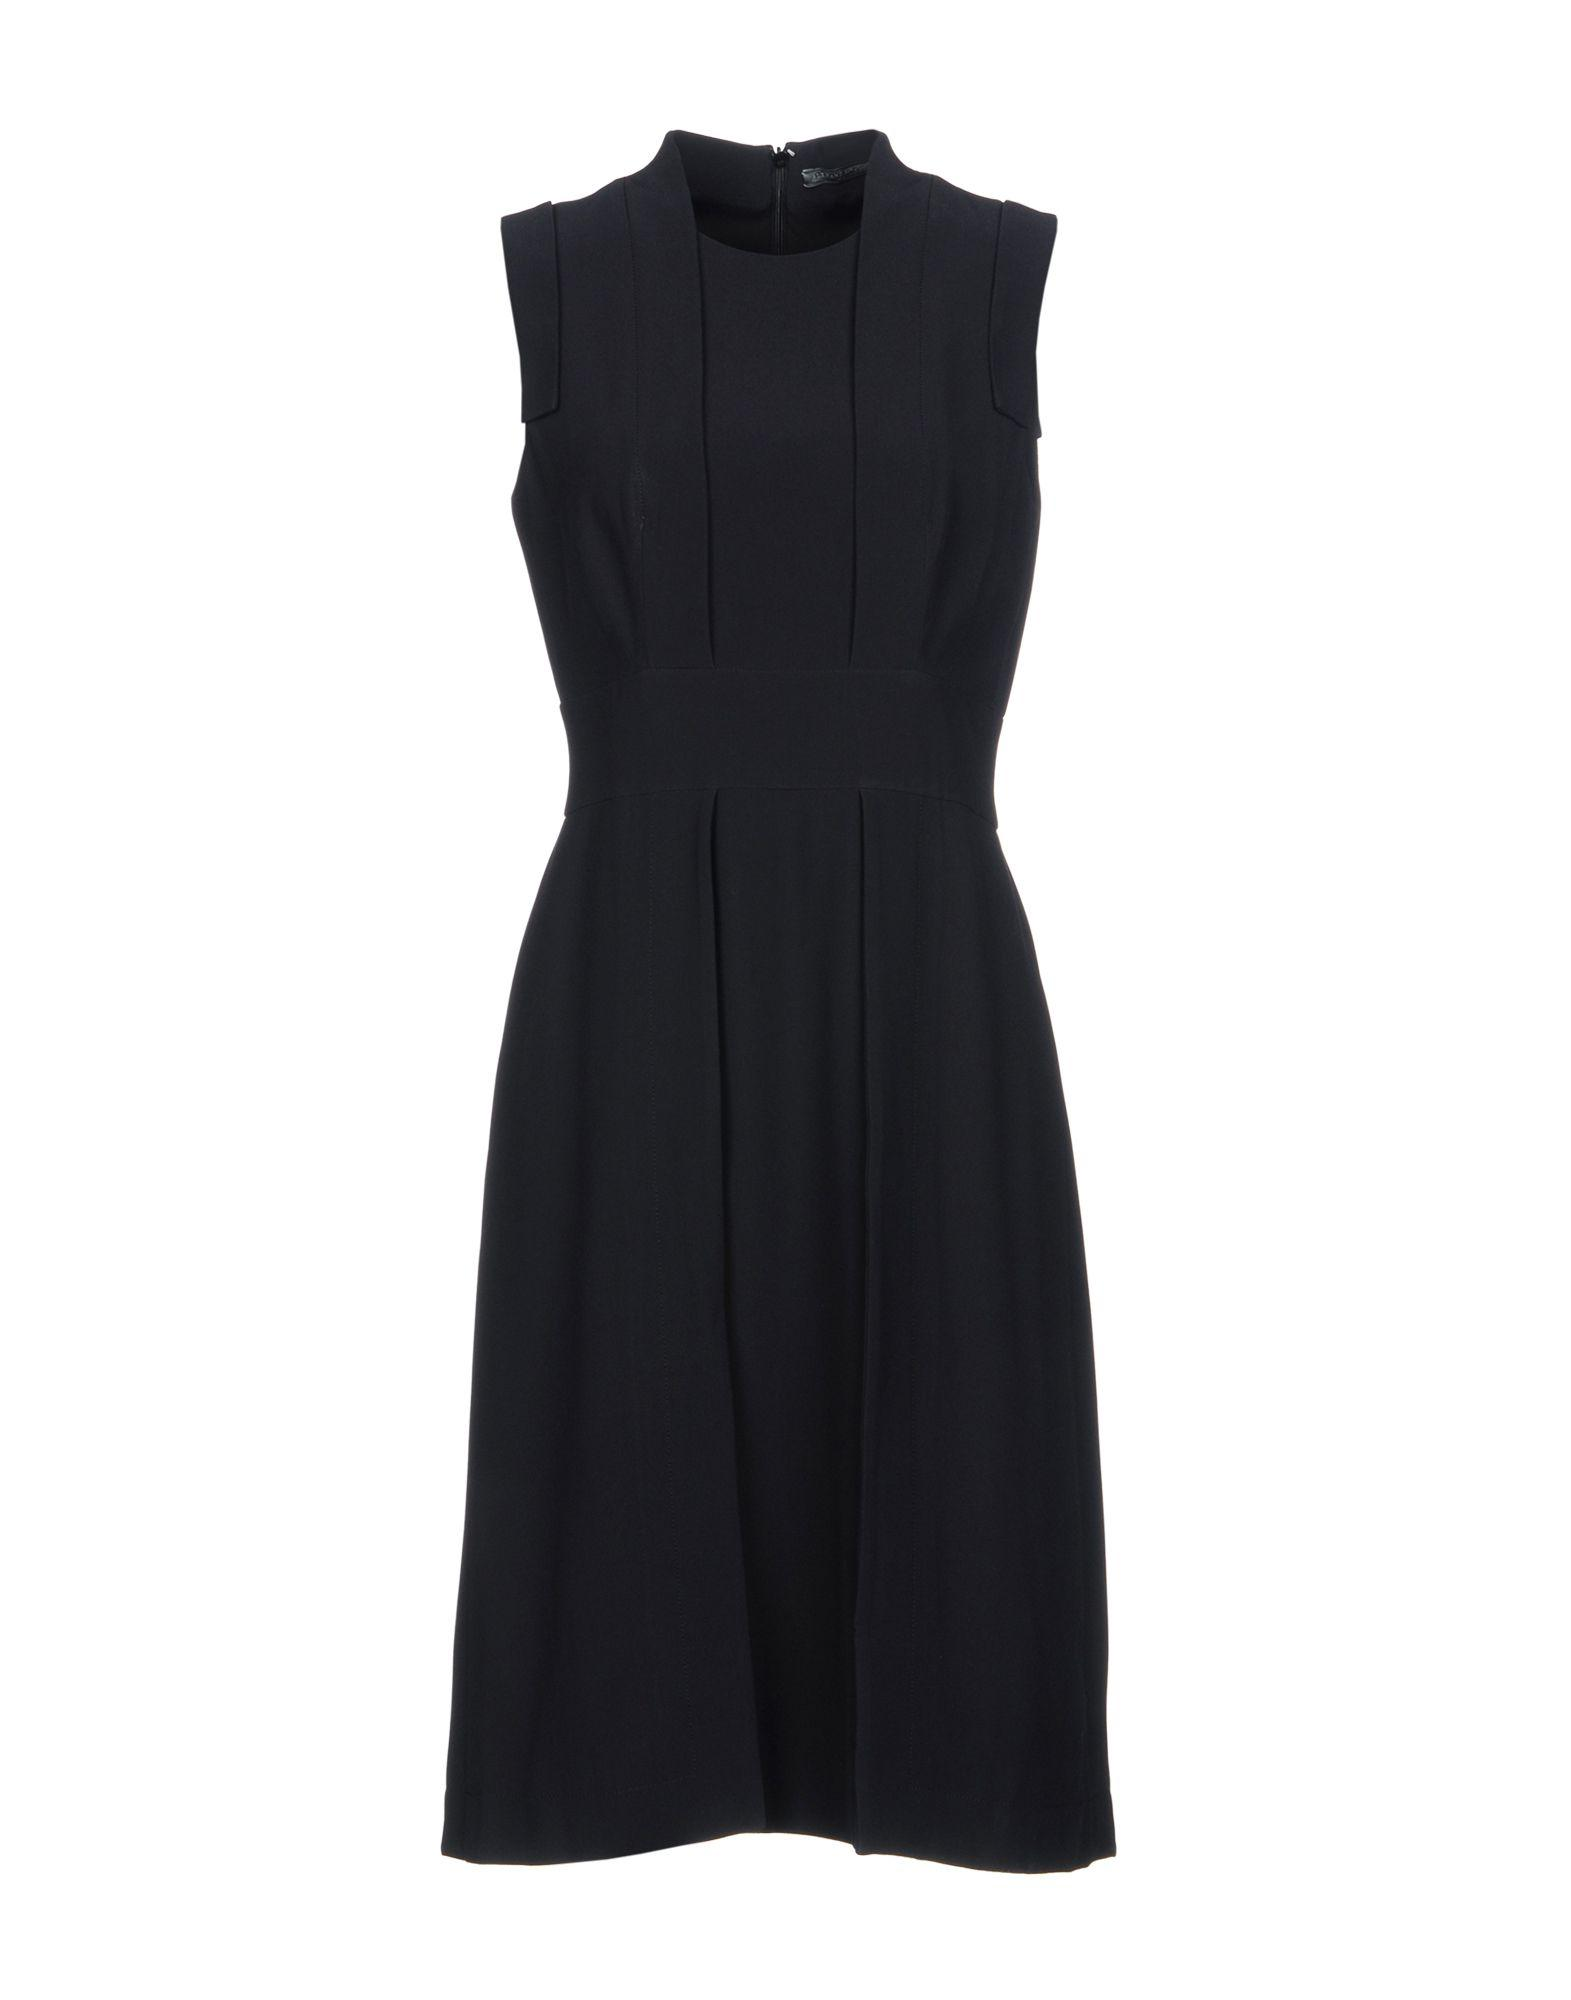 Alexander Mcqueen Knee-length Dress In Black